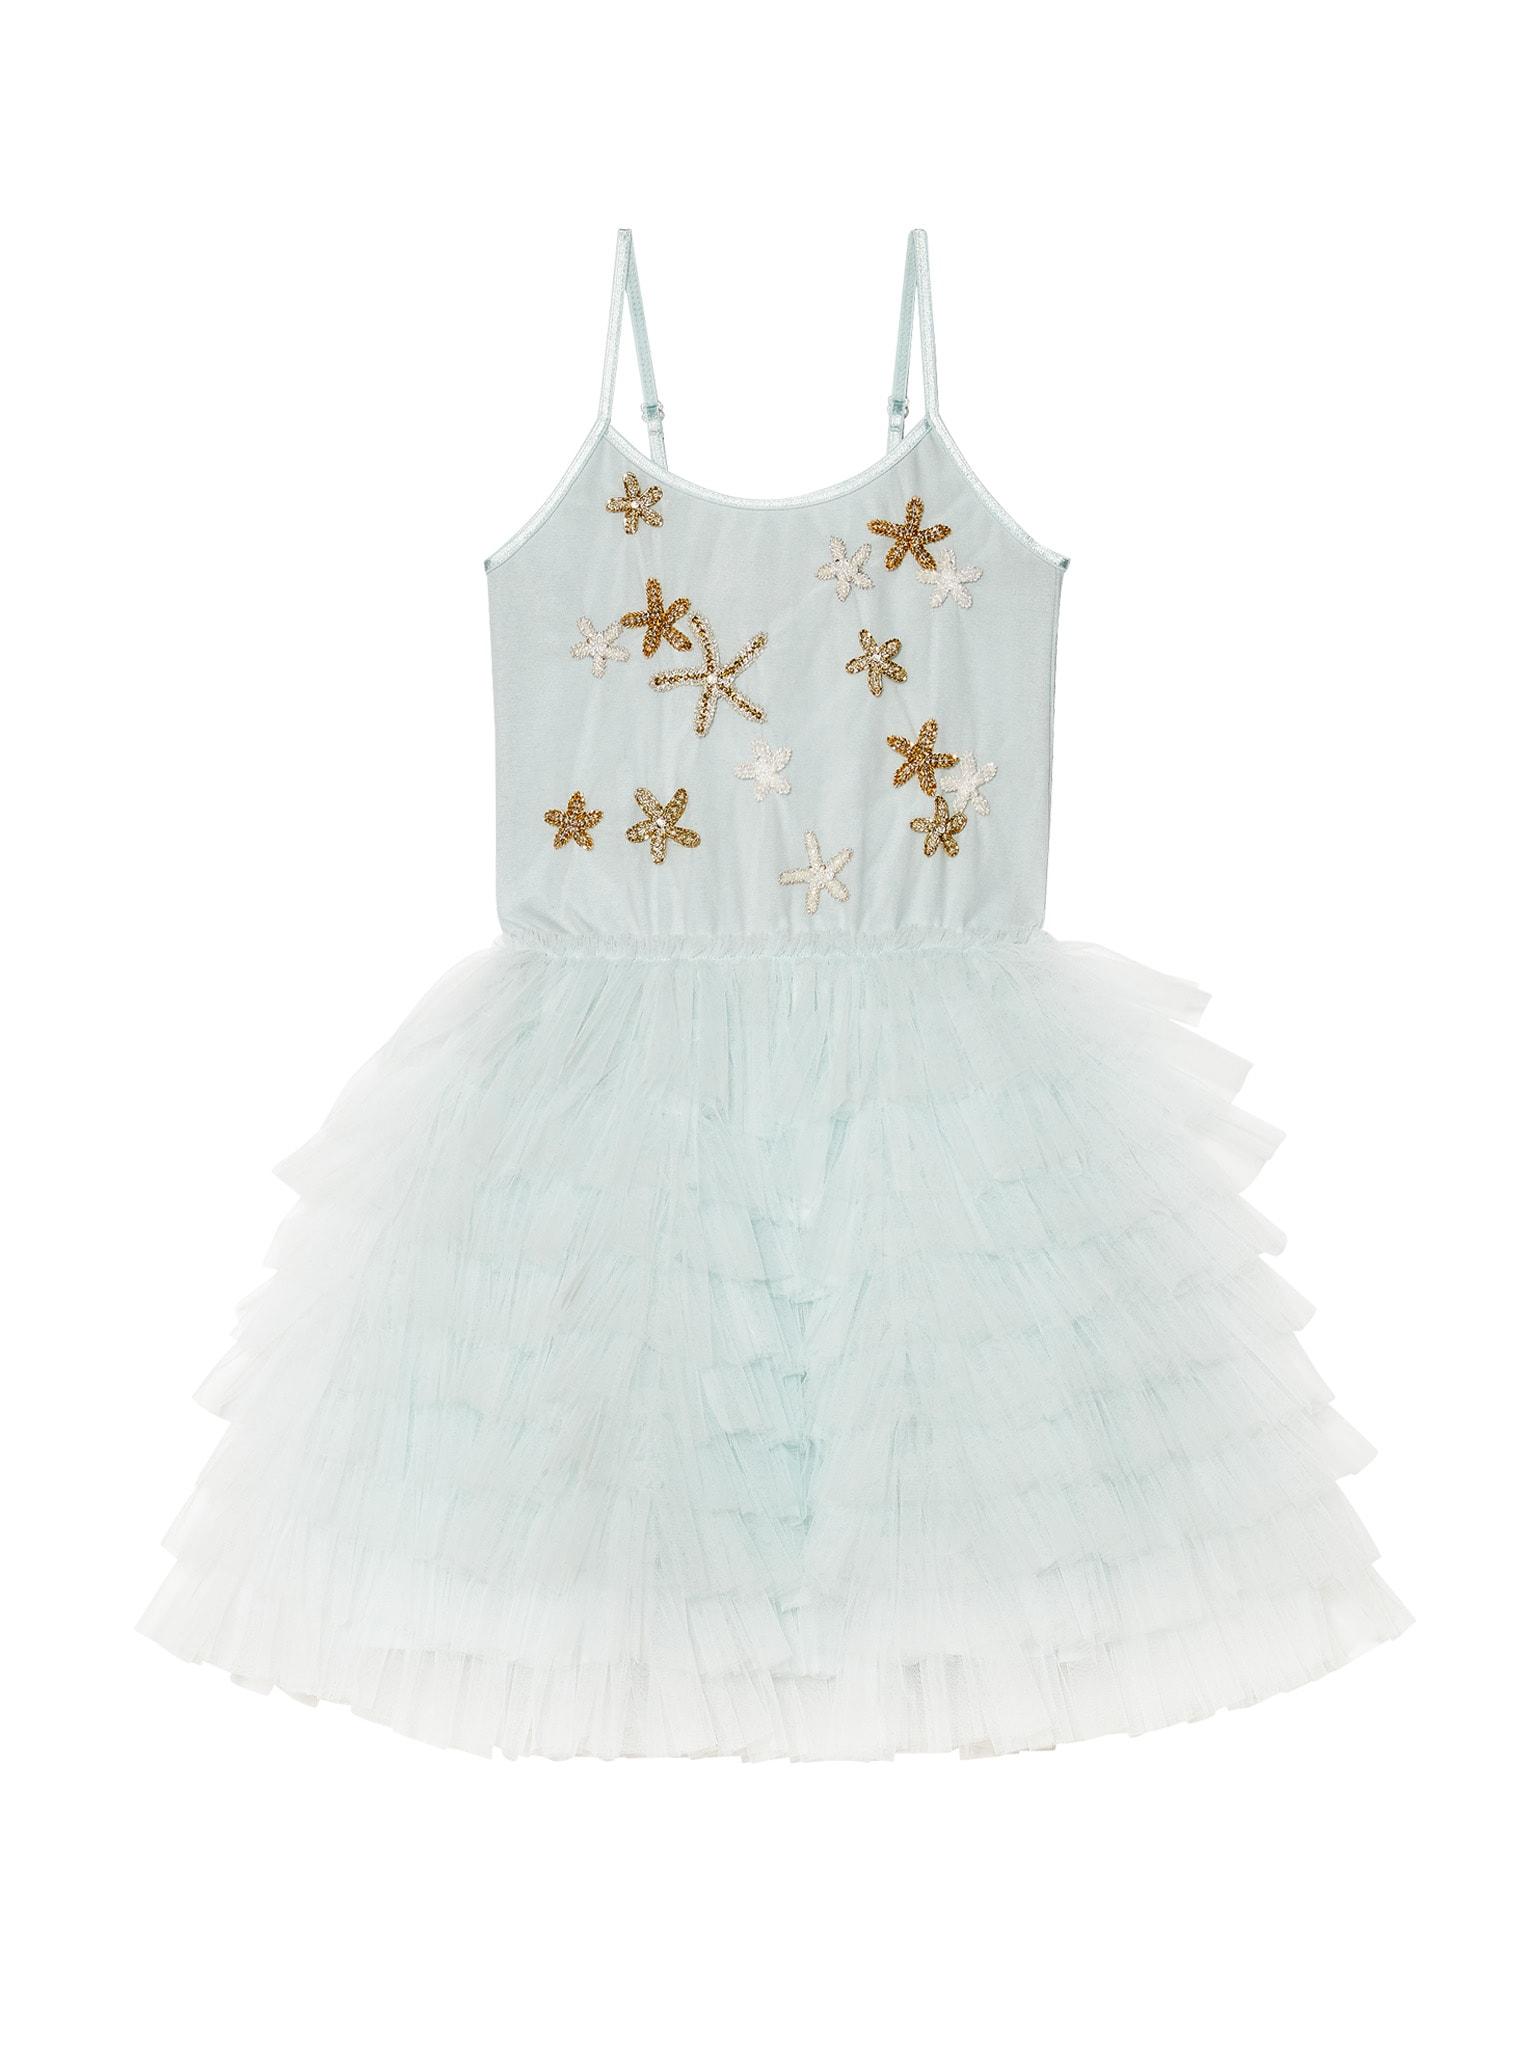 Tdm4201 starlette tutu dress 01 min